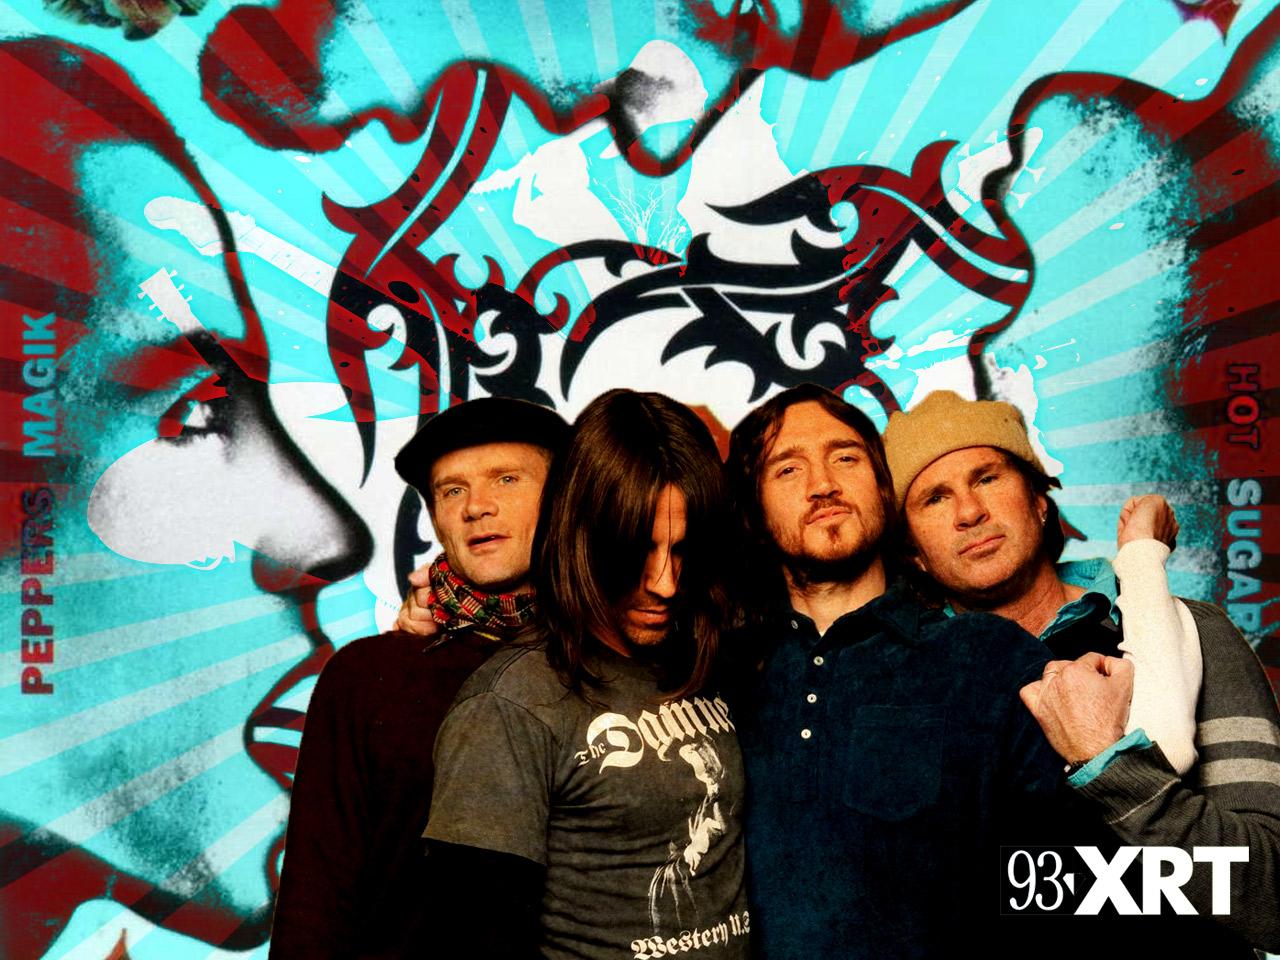 http://2.bp.blogspot.com/-1gw7nGQoLMs/TscccY1_ntI/AAAAAAAAAno/am9dlHG6YE8/s1600/red-a-chili-peppers-wallpaper-7-793467.jpg